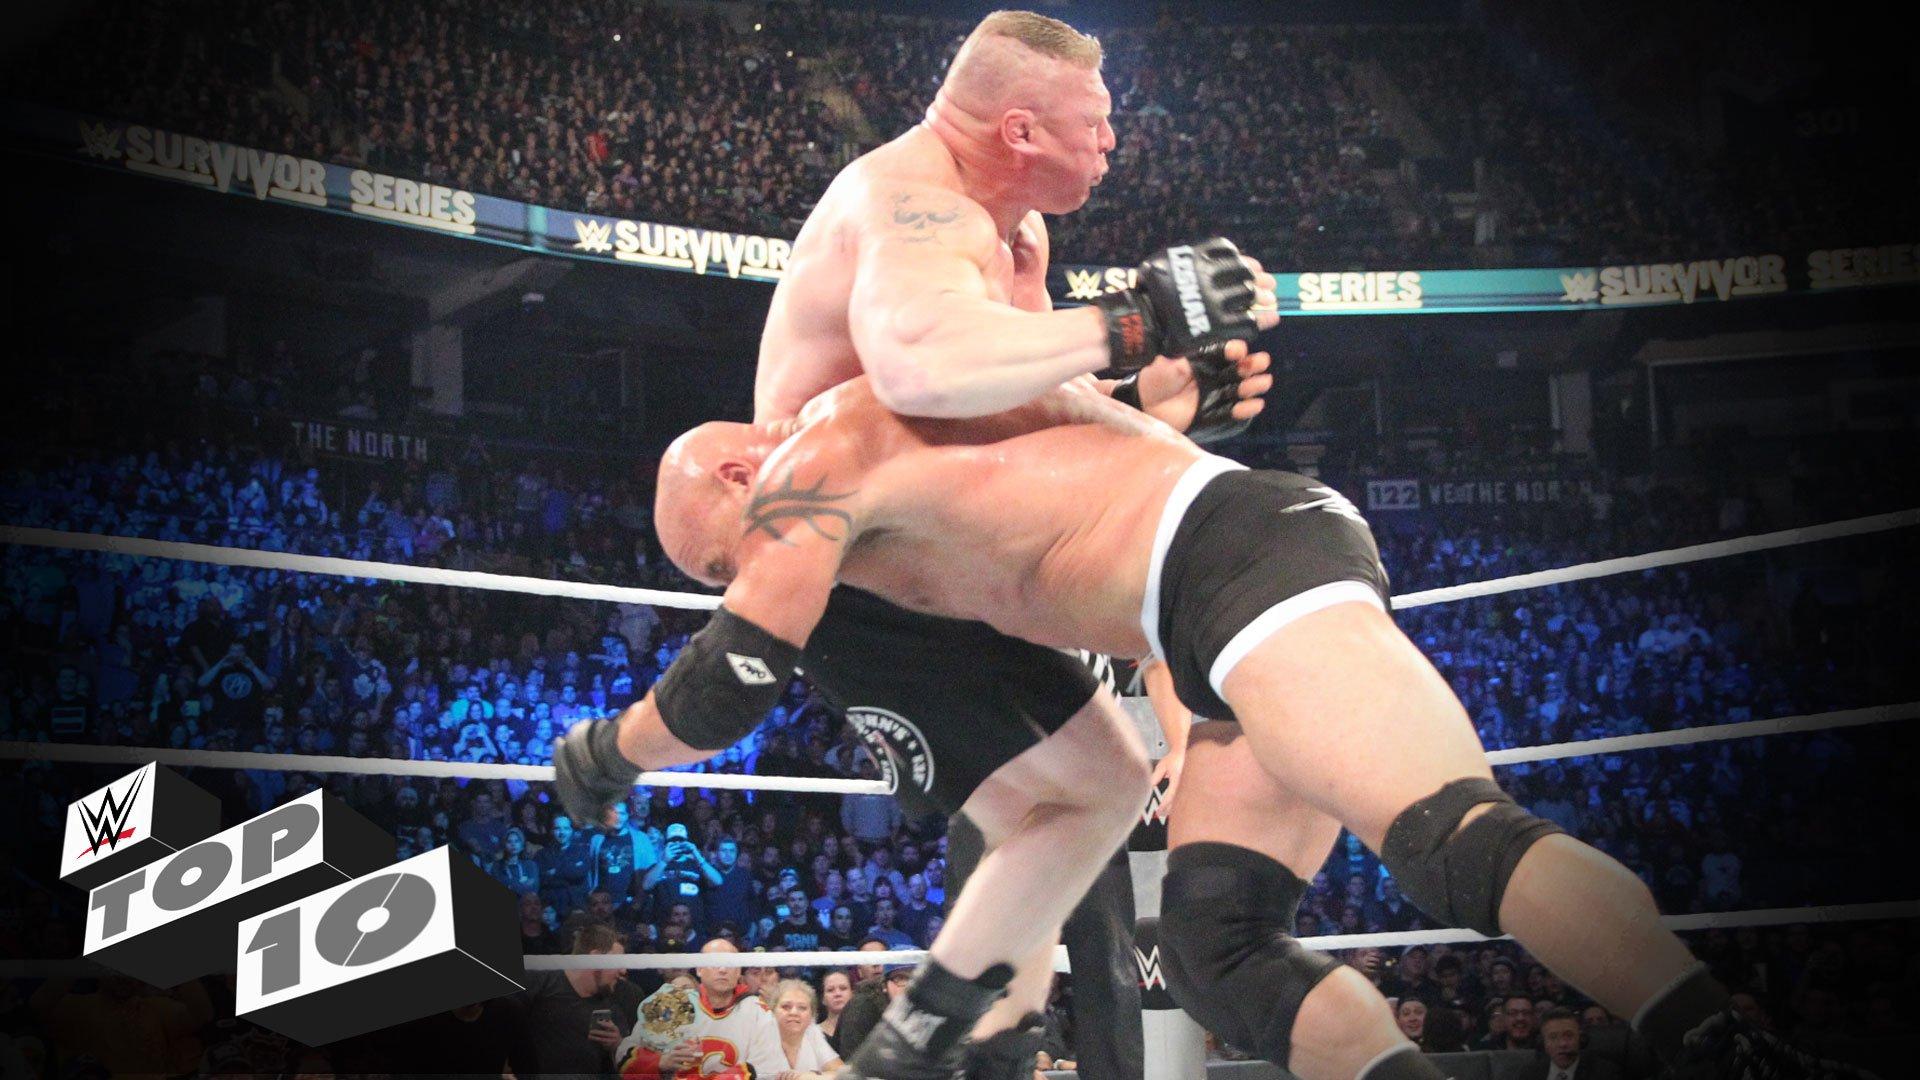 Les retours les plus dominants à la WWE - WWE Top 10, 28 nov. 2016